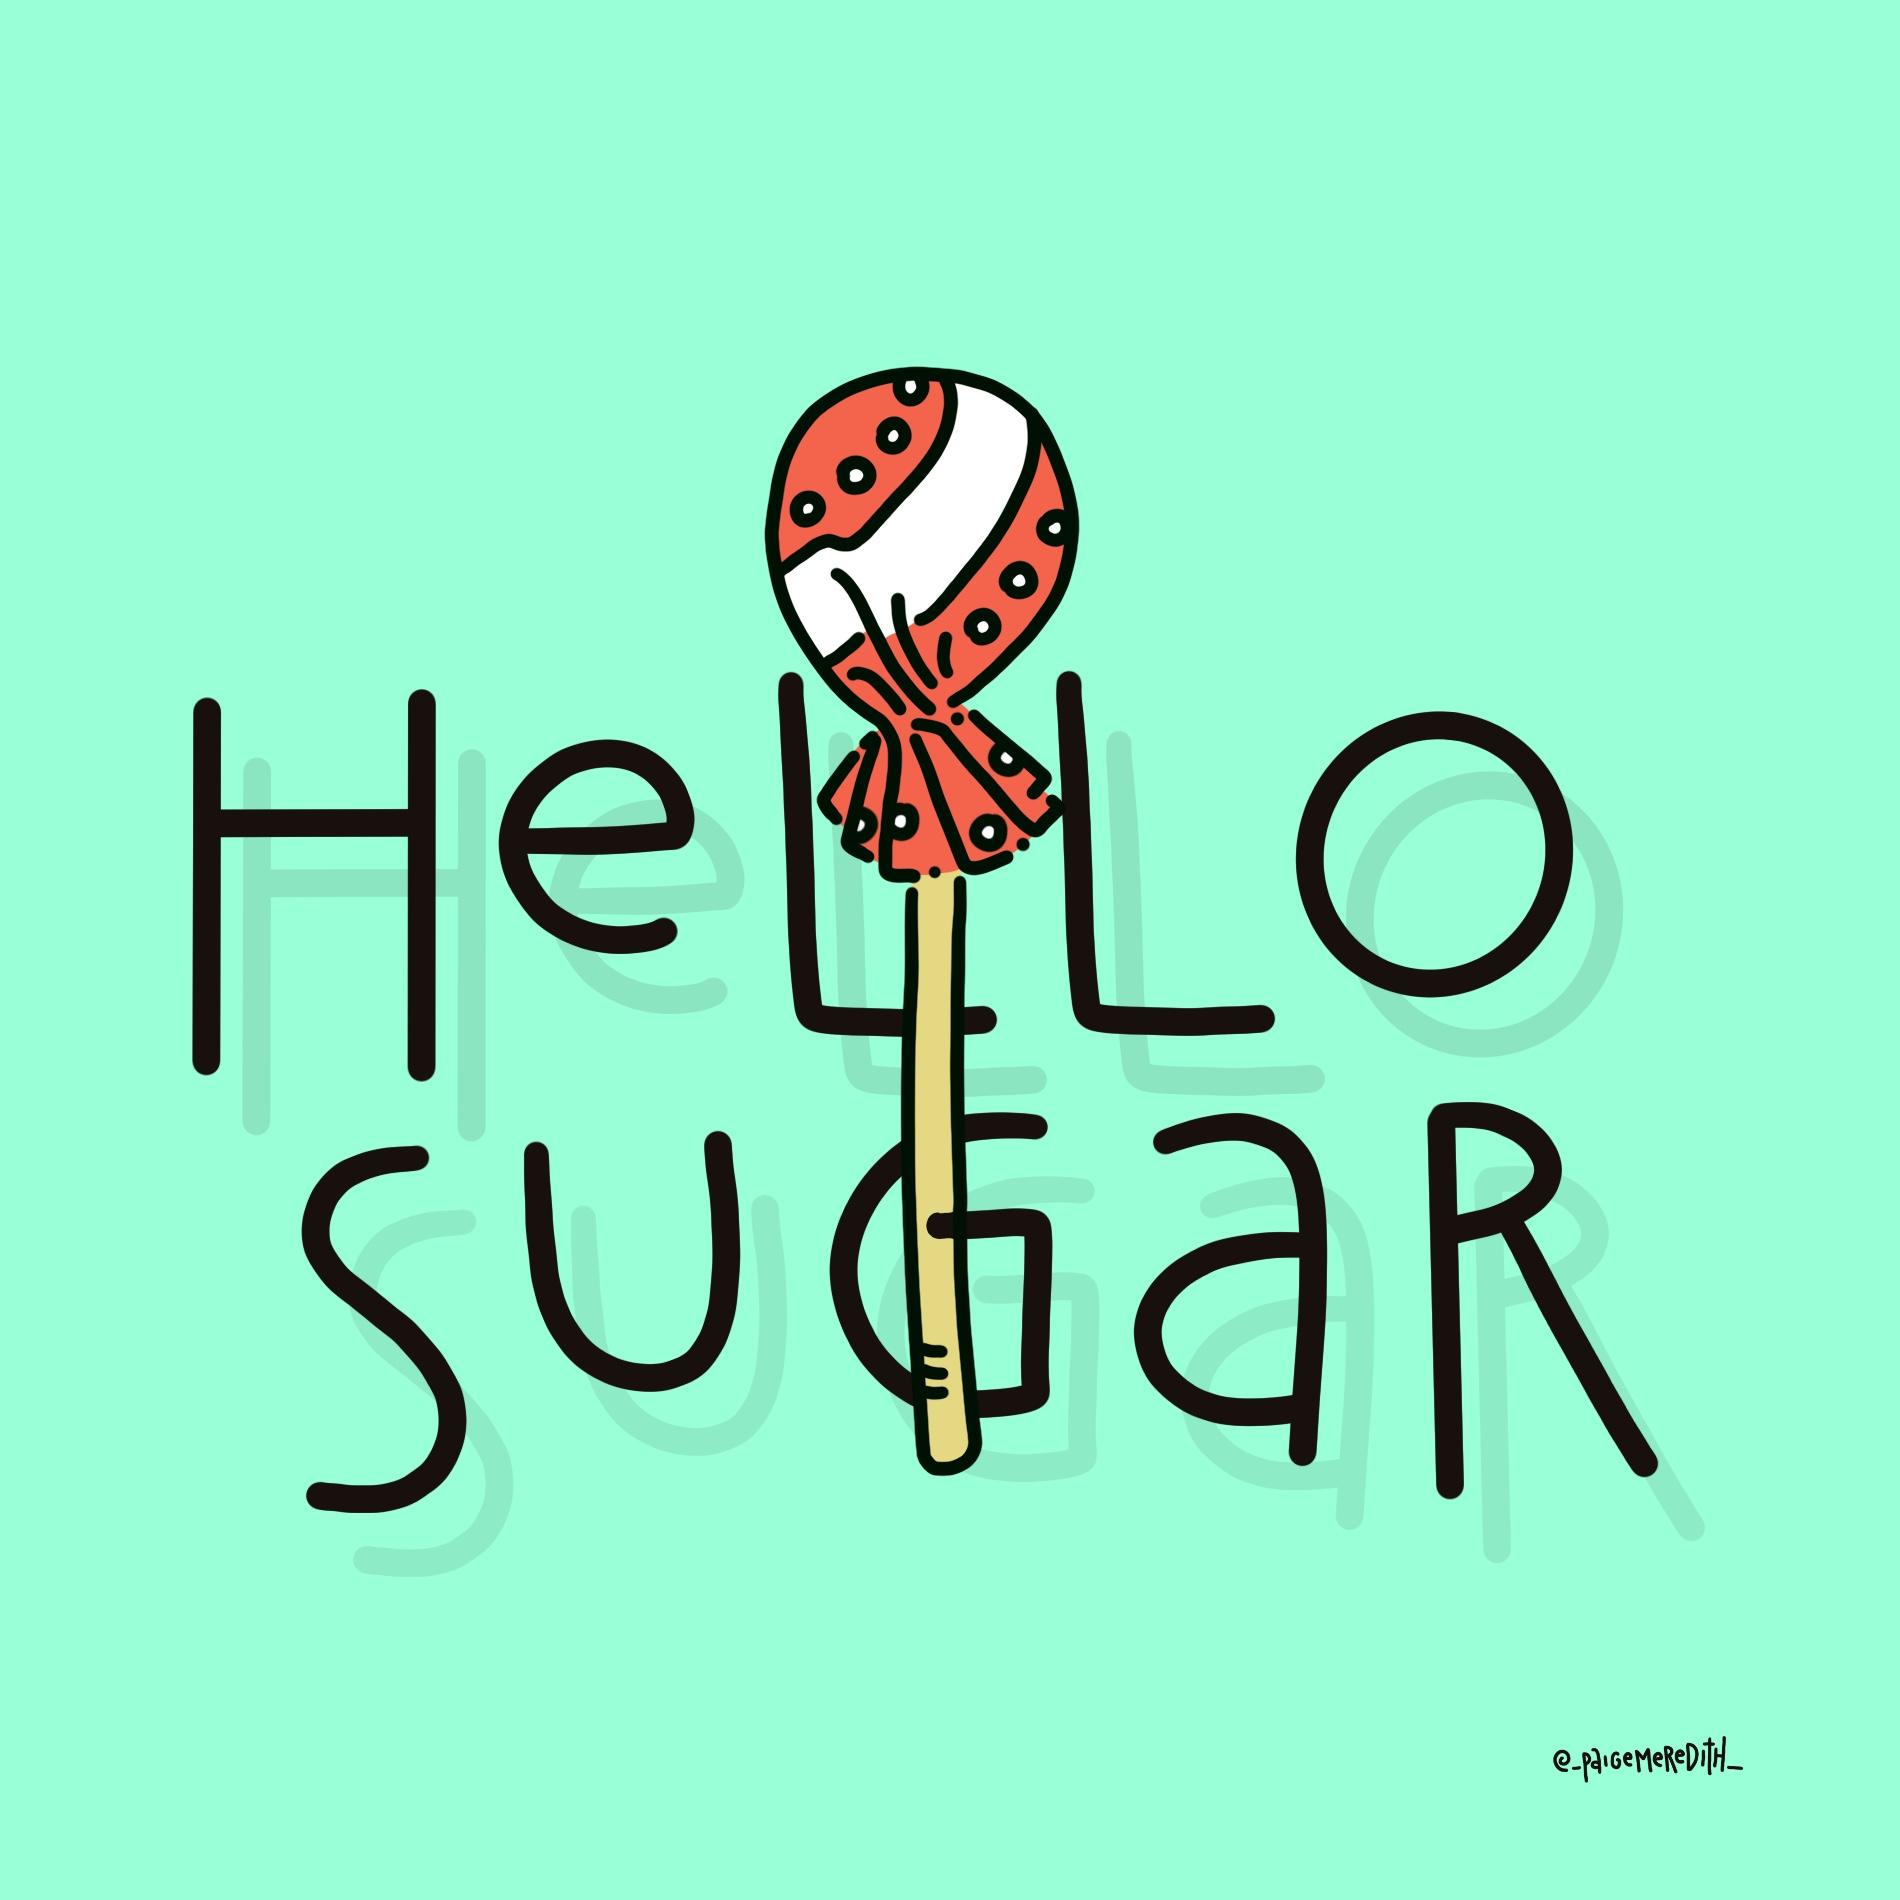 Sucker_Sticker.jpg